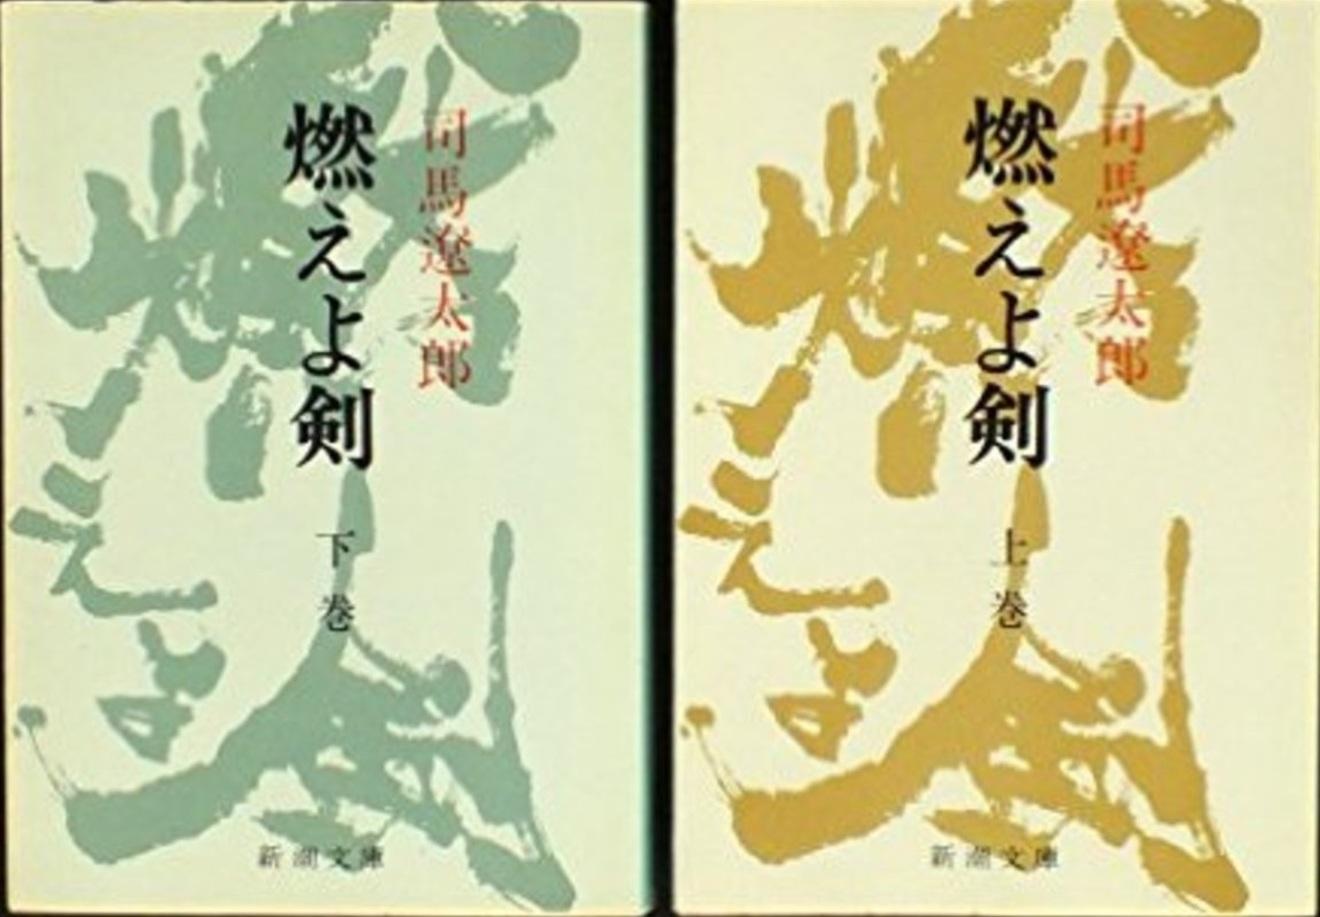 新選組副長、土方歳三についてもっとよく知るための5冊の本。